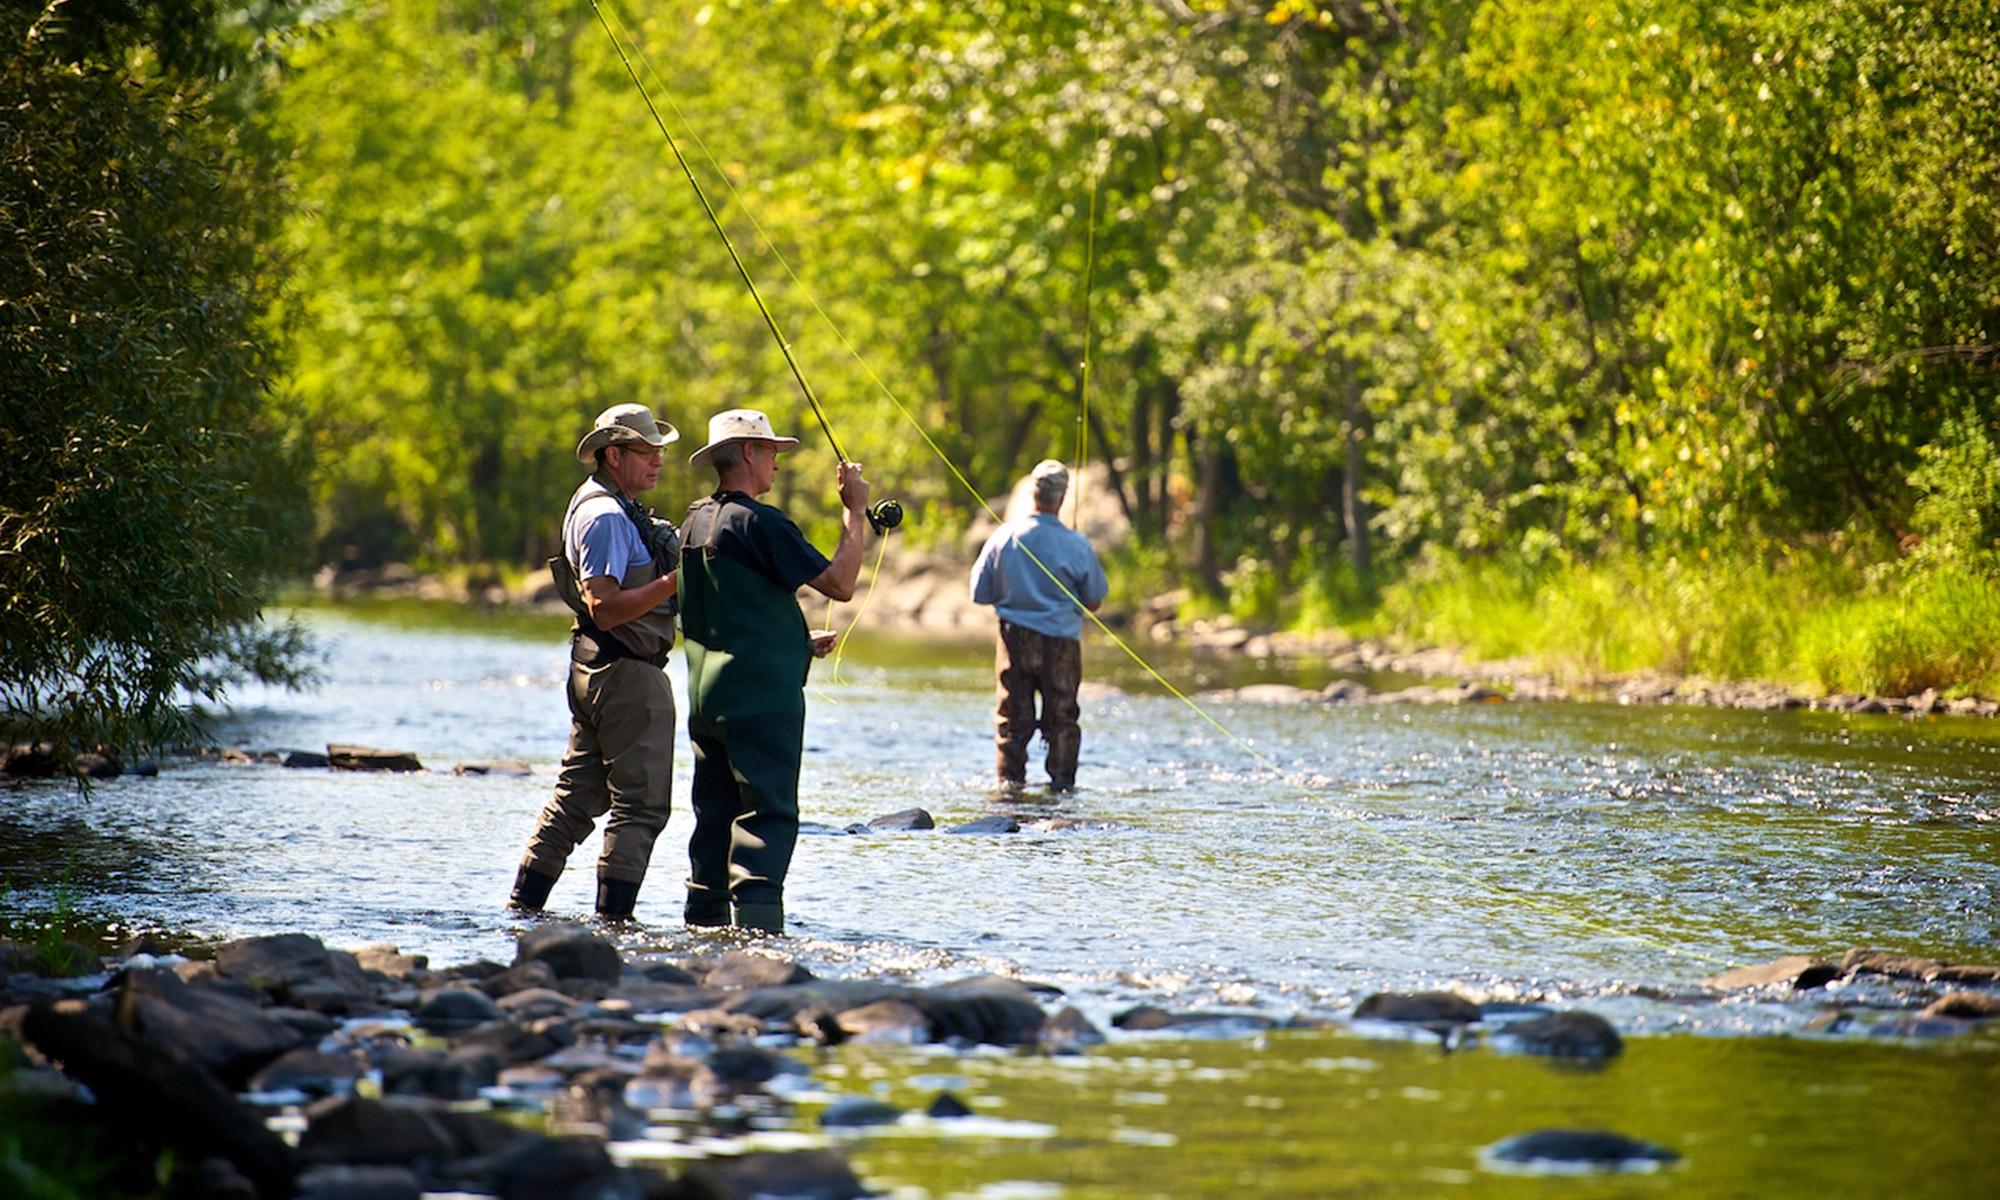 Vous pourrez aussi vous adonner à la pêche à la mouche dans la rivière Yamaska qui traverse la ville.